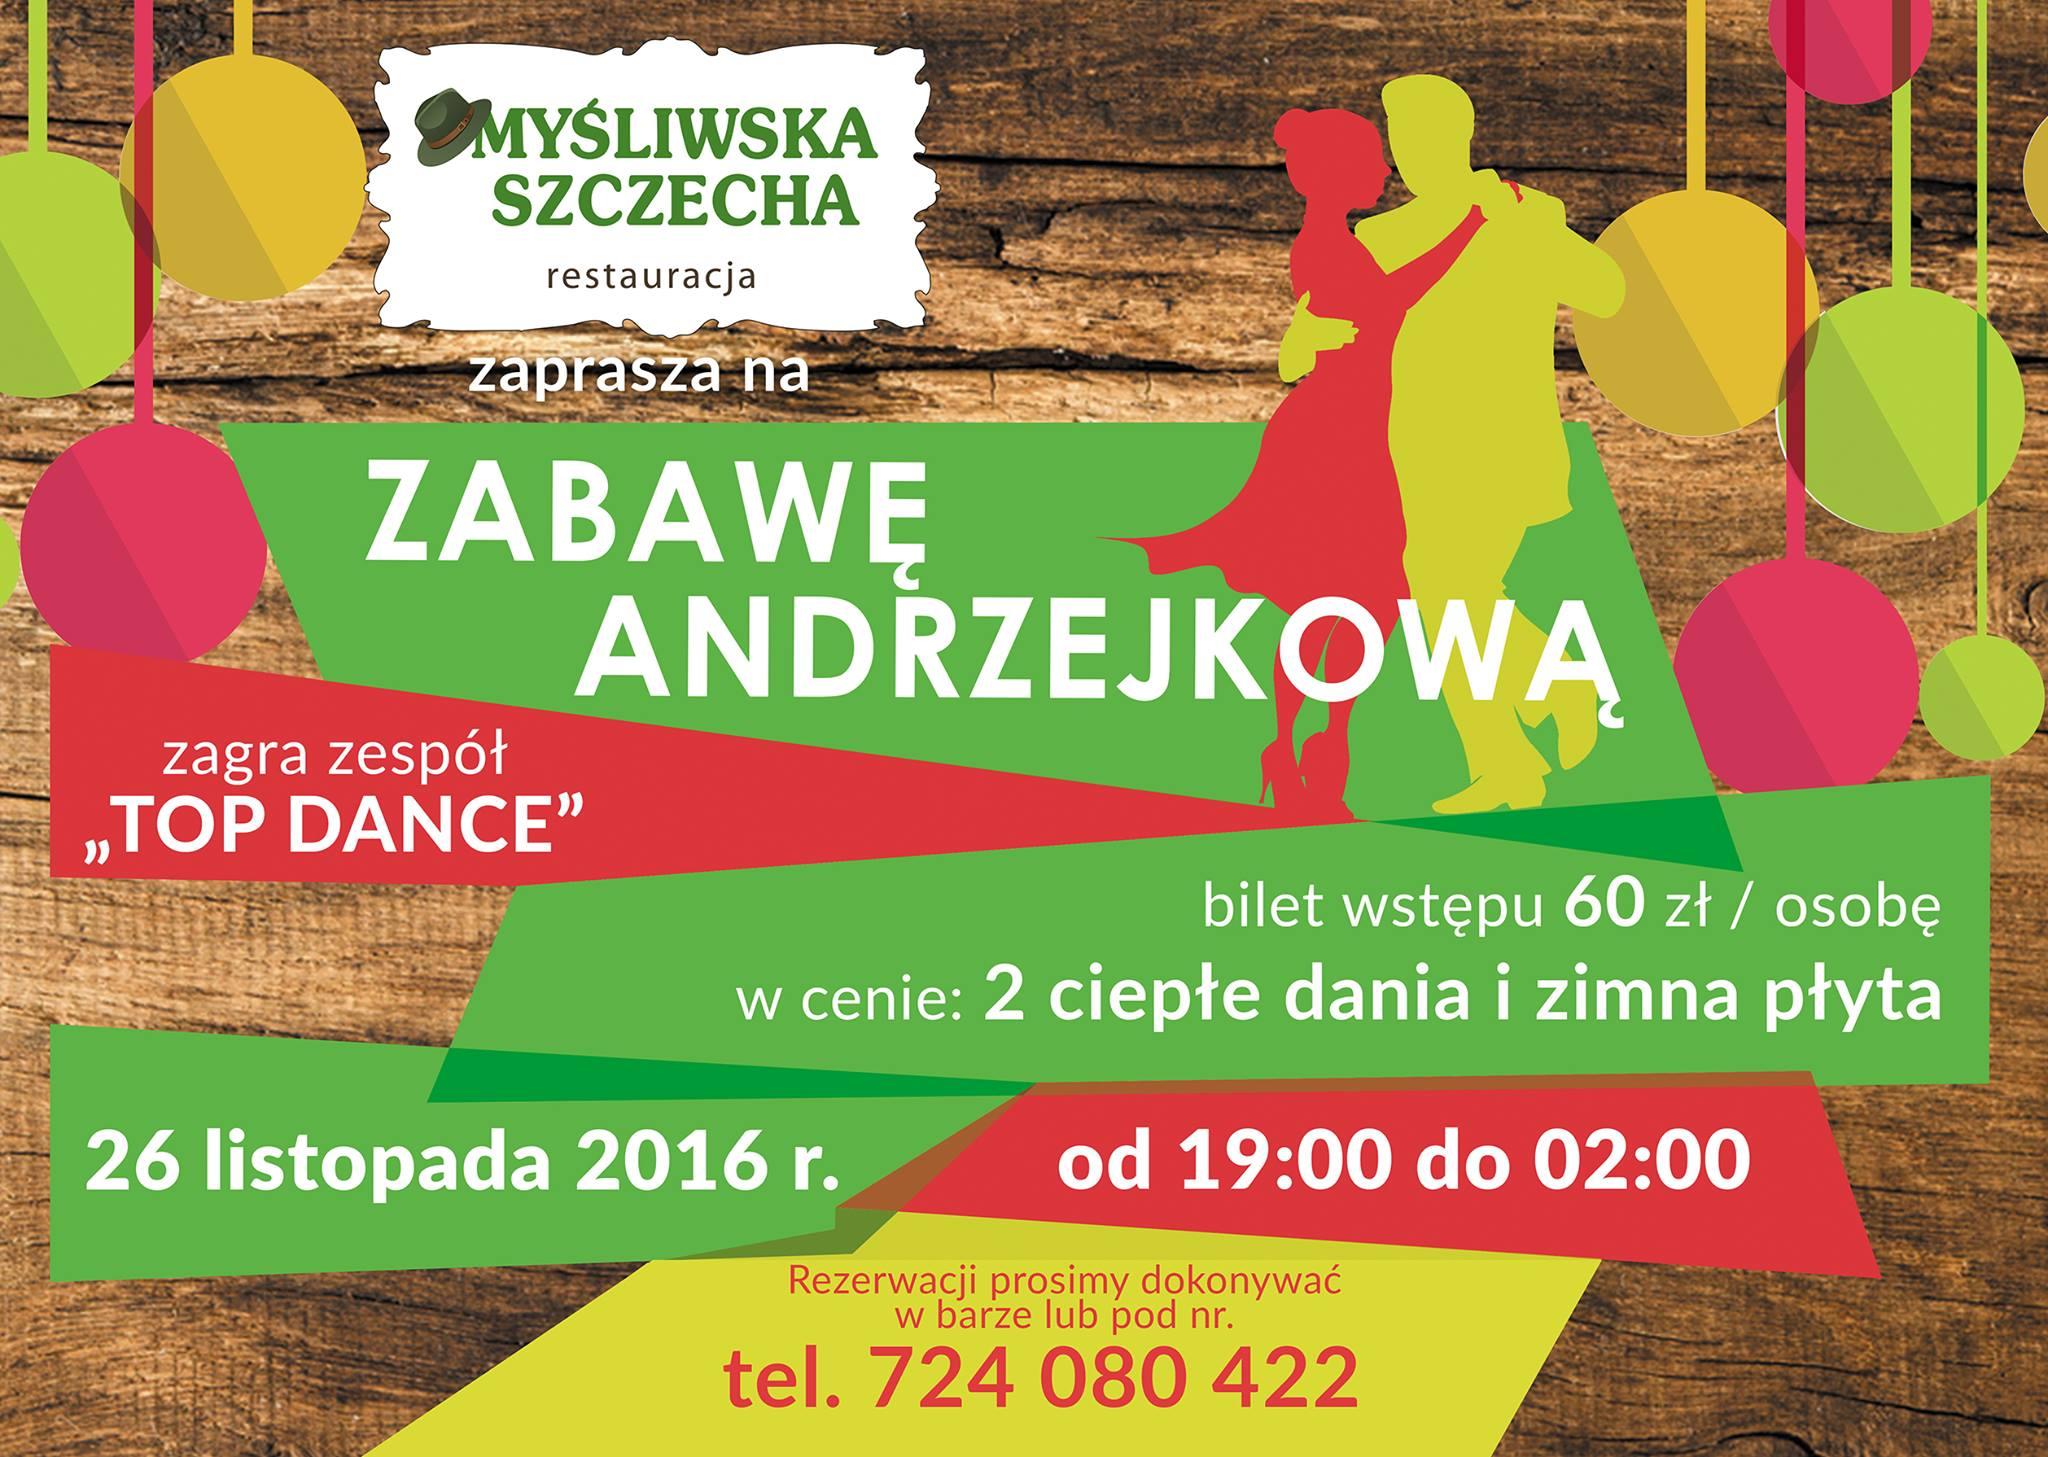 Zapraszamy na Zabawę Andrzejkową !!! 26.11.2016 od godz 19:00